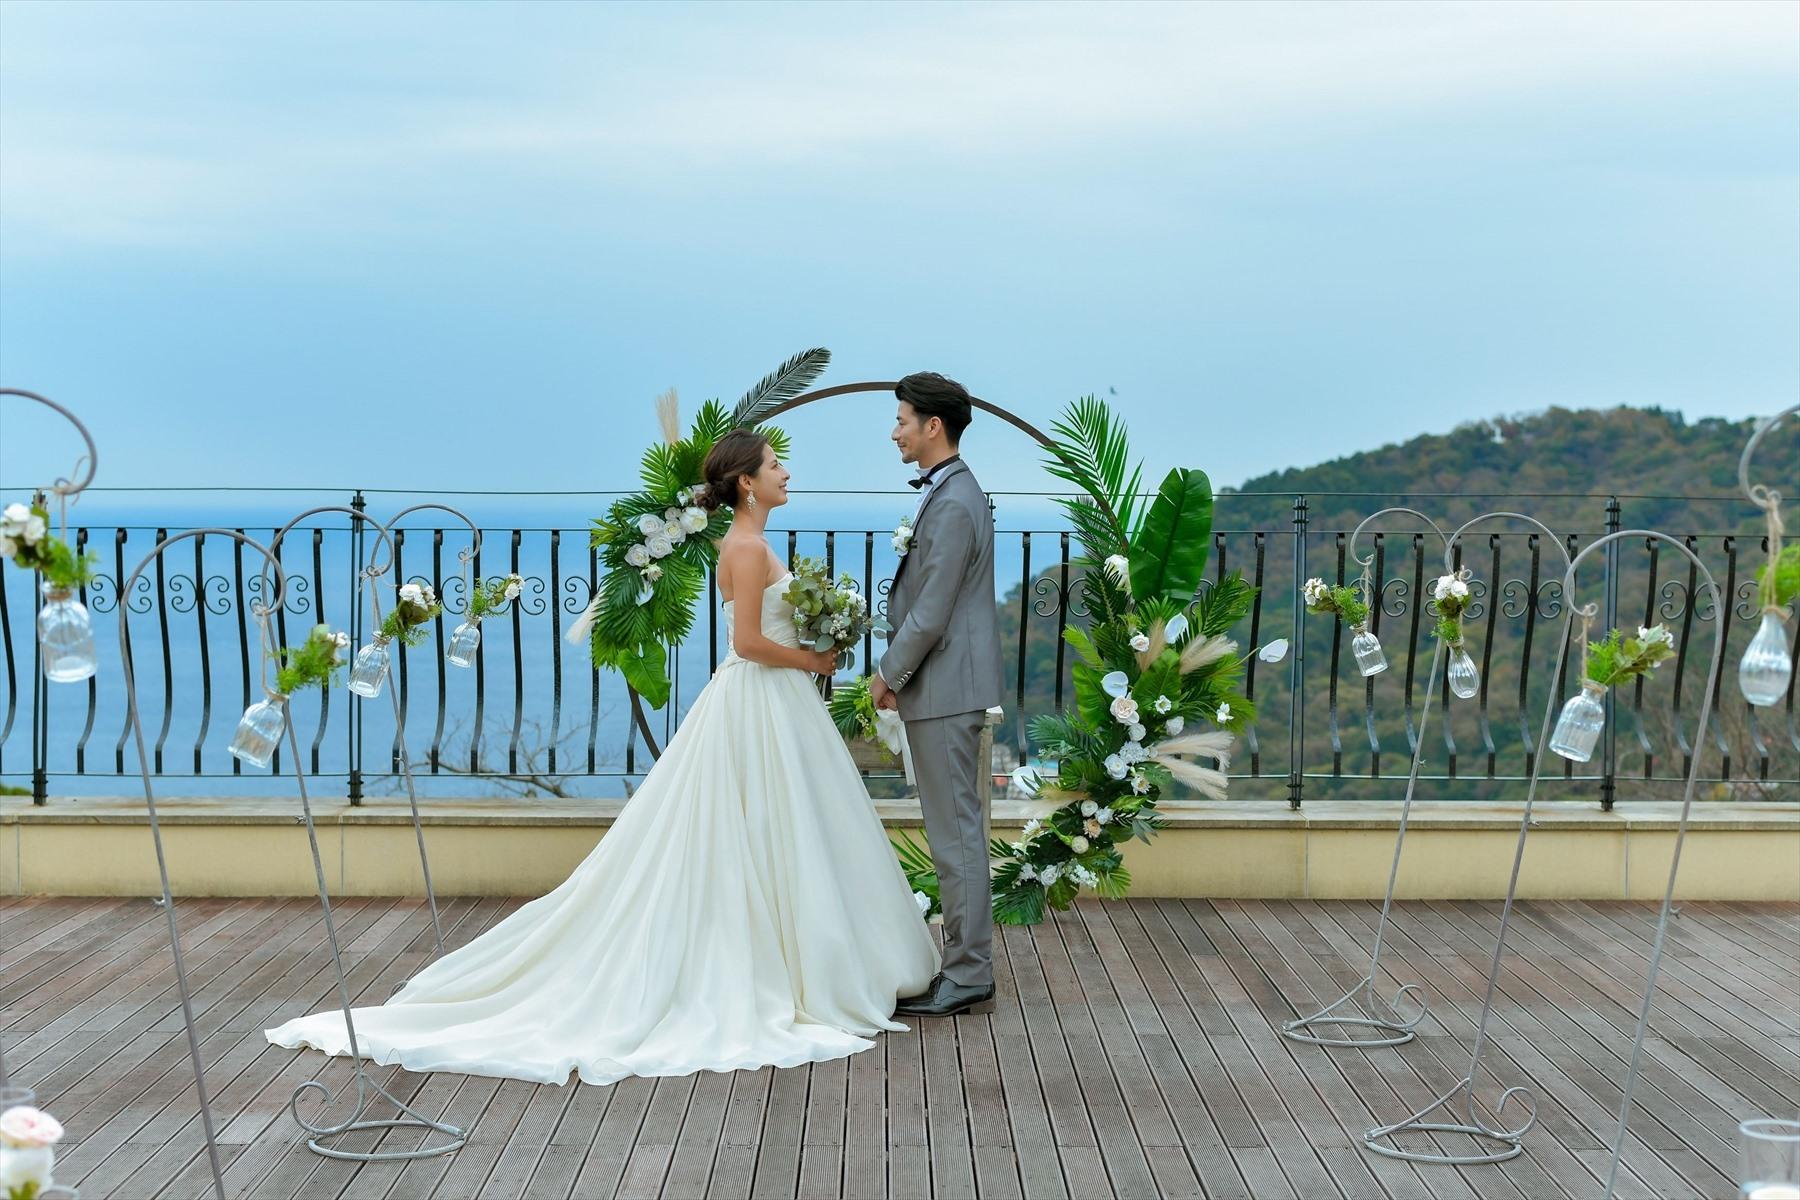 静岡県熱海結婚式 静岡ウェディング オーシャンビュー挙式会場